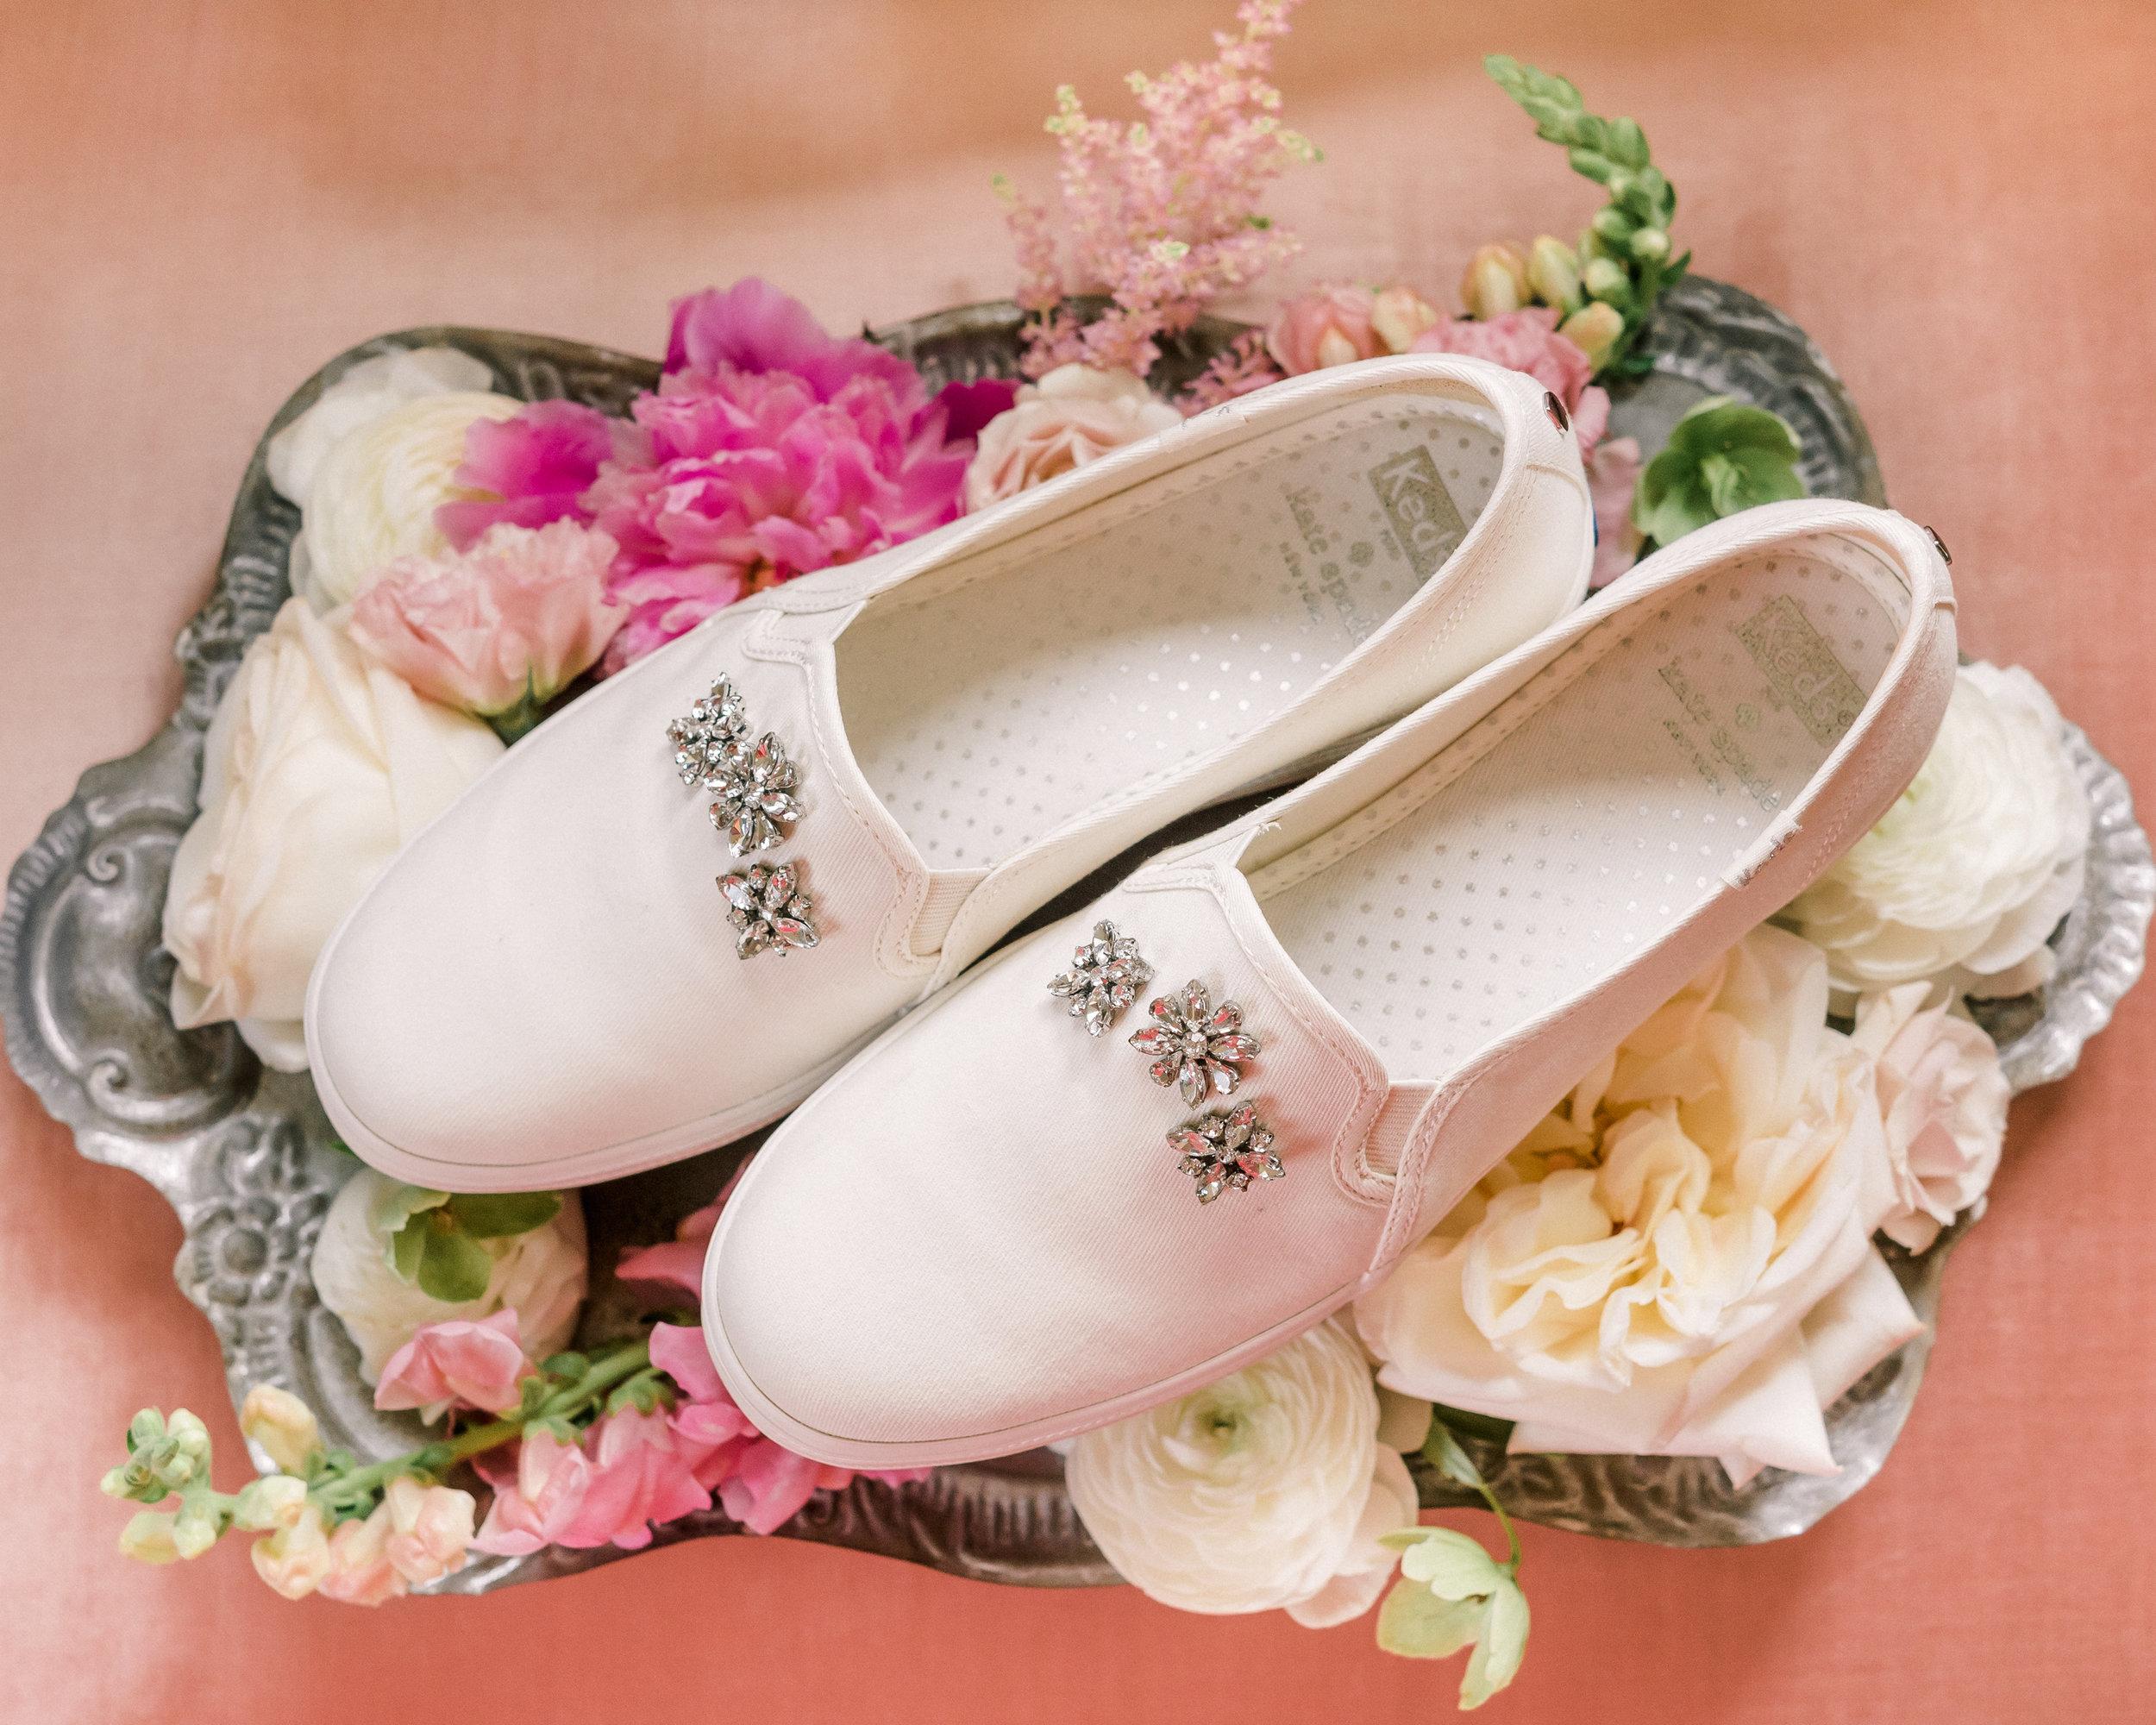 pittsburgh-wedding-photographer-hartwood-acres-0002.jpg